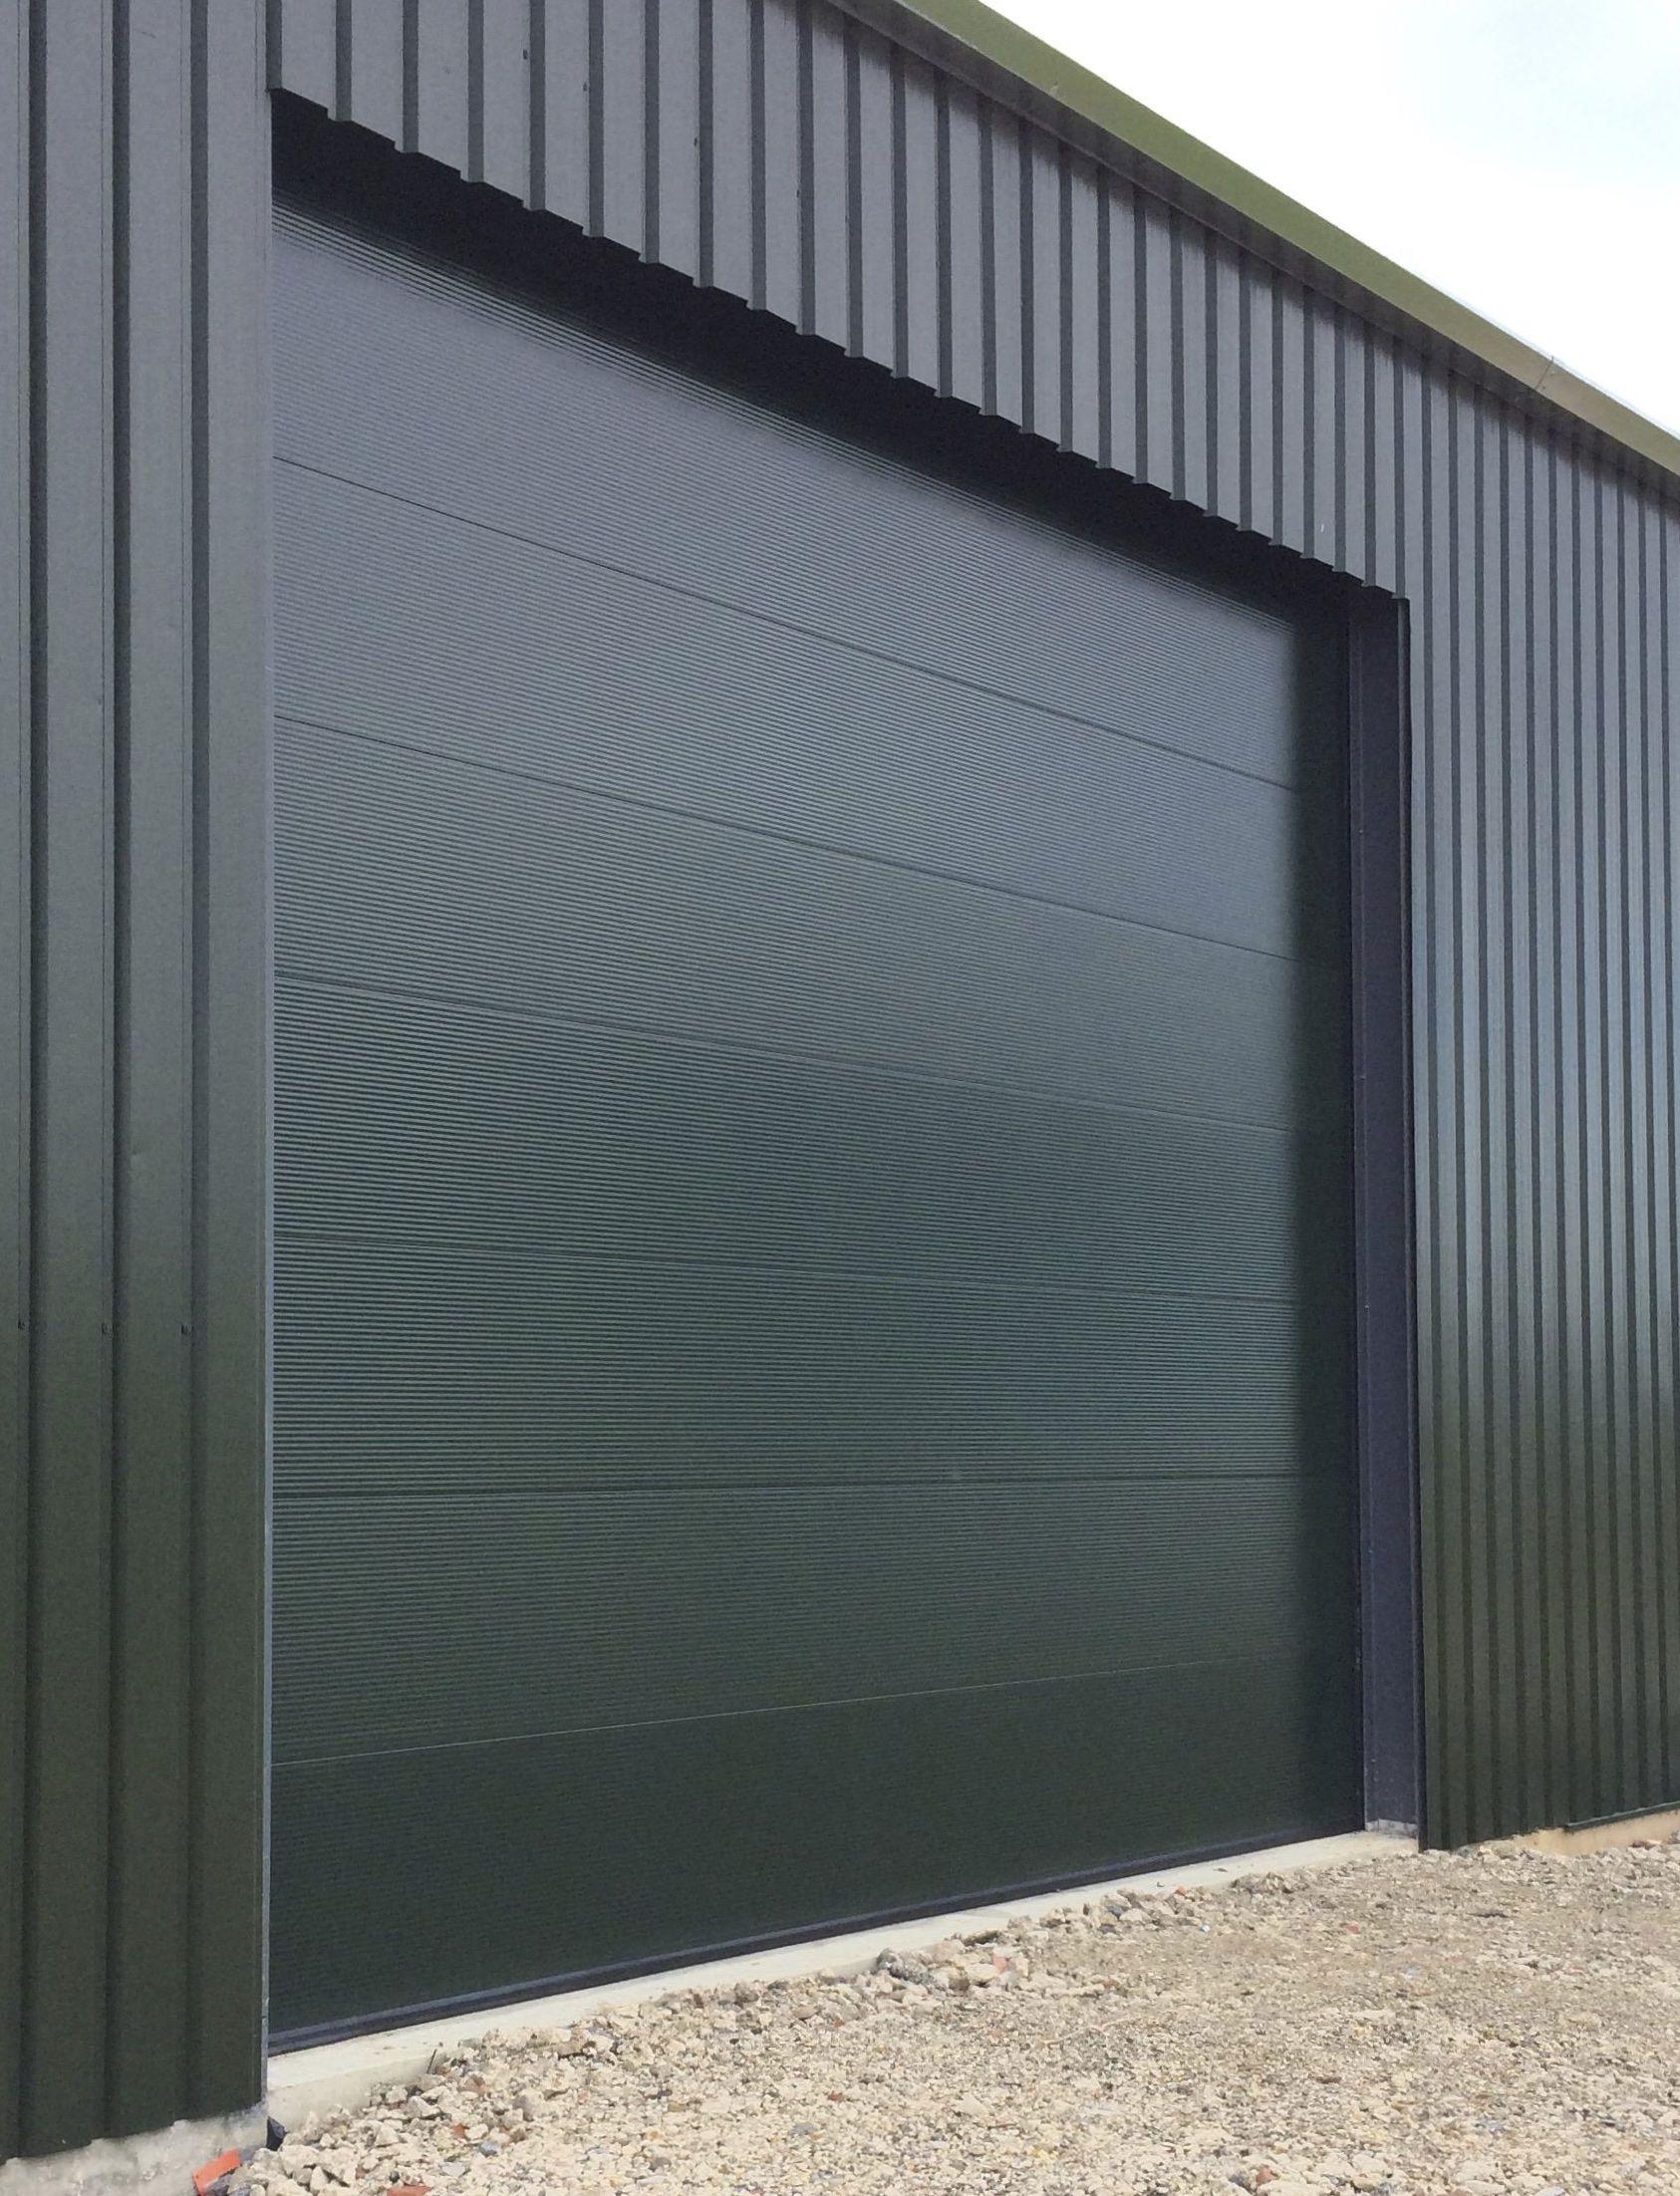 Sectional Overhead Door Installed By Cambridge Door Services Ltd